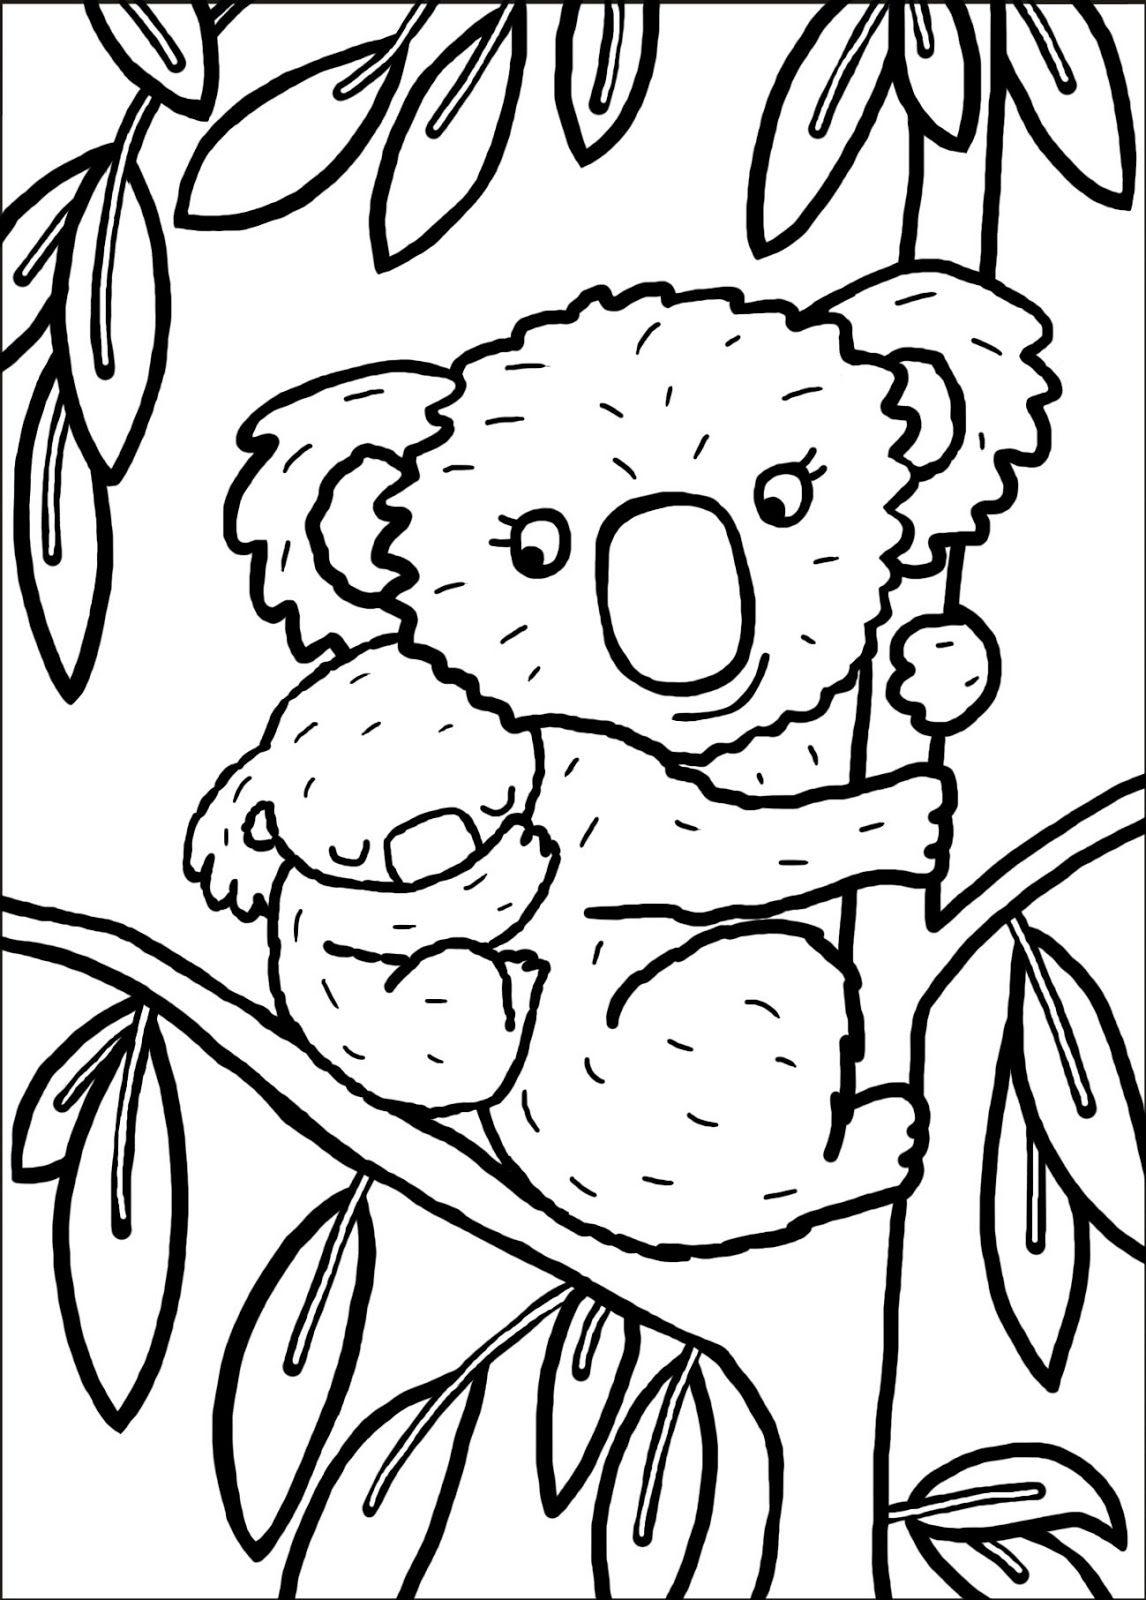 Coloriage Koala À Imprimer Pour Les Enfants - Cp15291 concernant Dessin Pour Enfant A Colorier